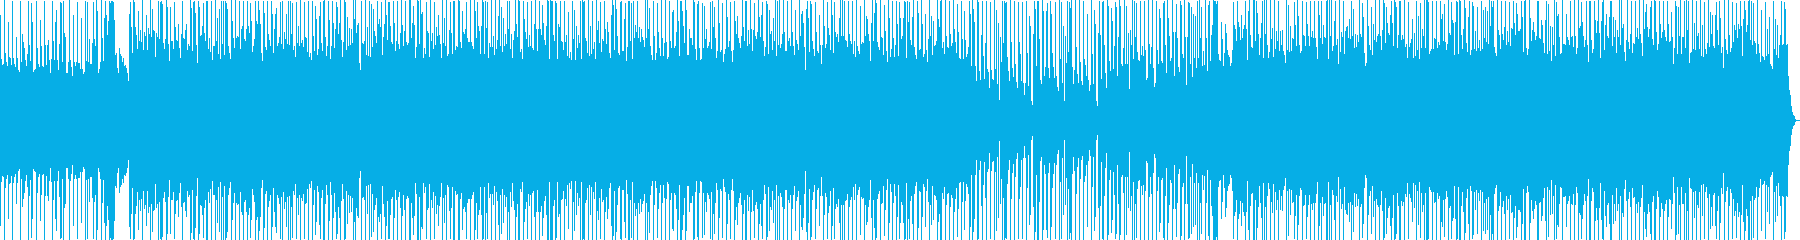 軽快でポップな企業系VPにぴったりの音源の再生済みの波形